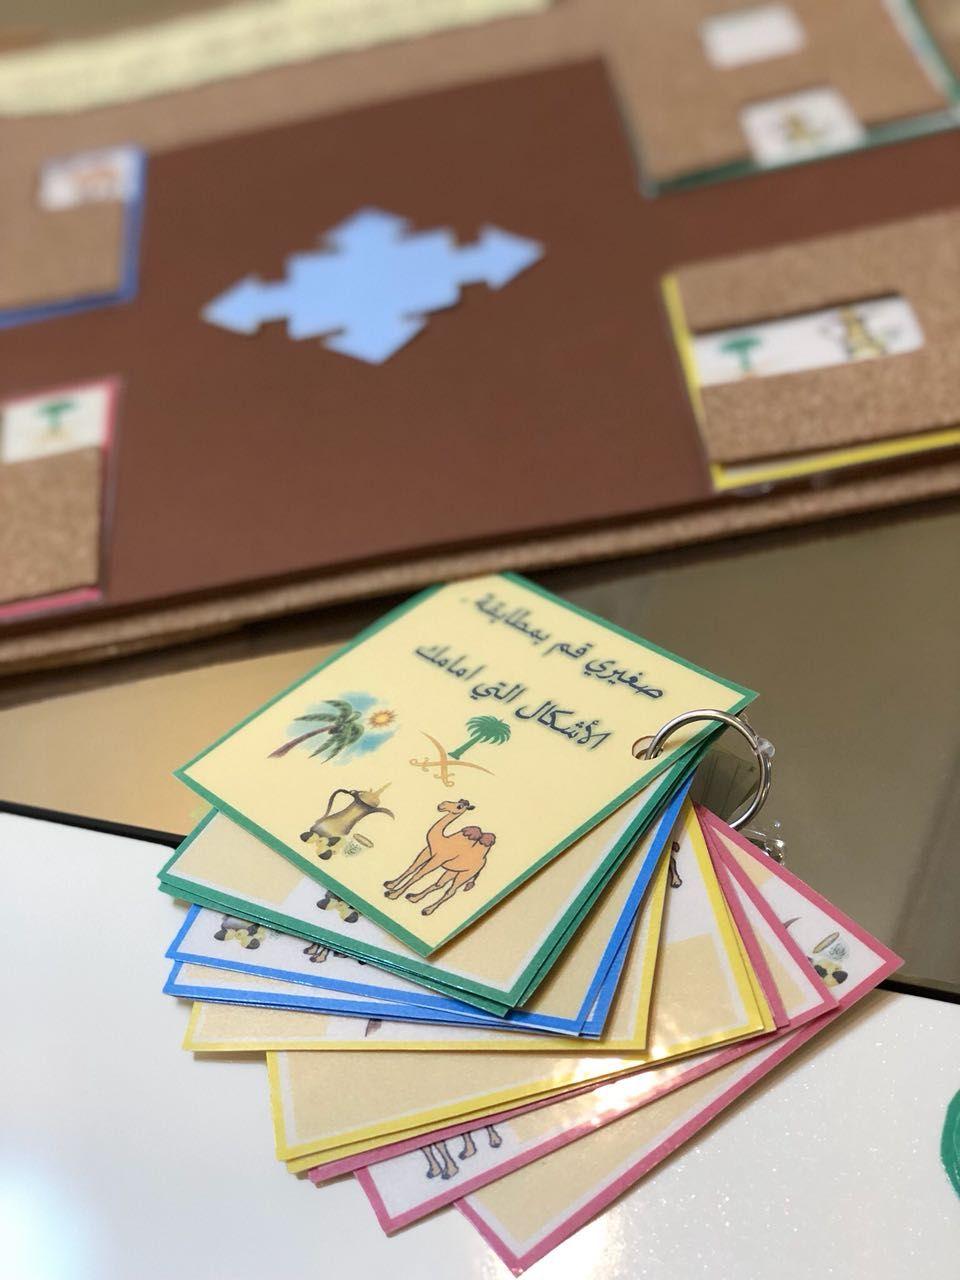 الركن الادراكي مطابقة الشكل الذي في الصورة بواسطة البطاقات Crafts Diy And Crafts Diy Crafts